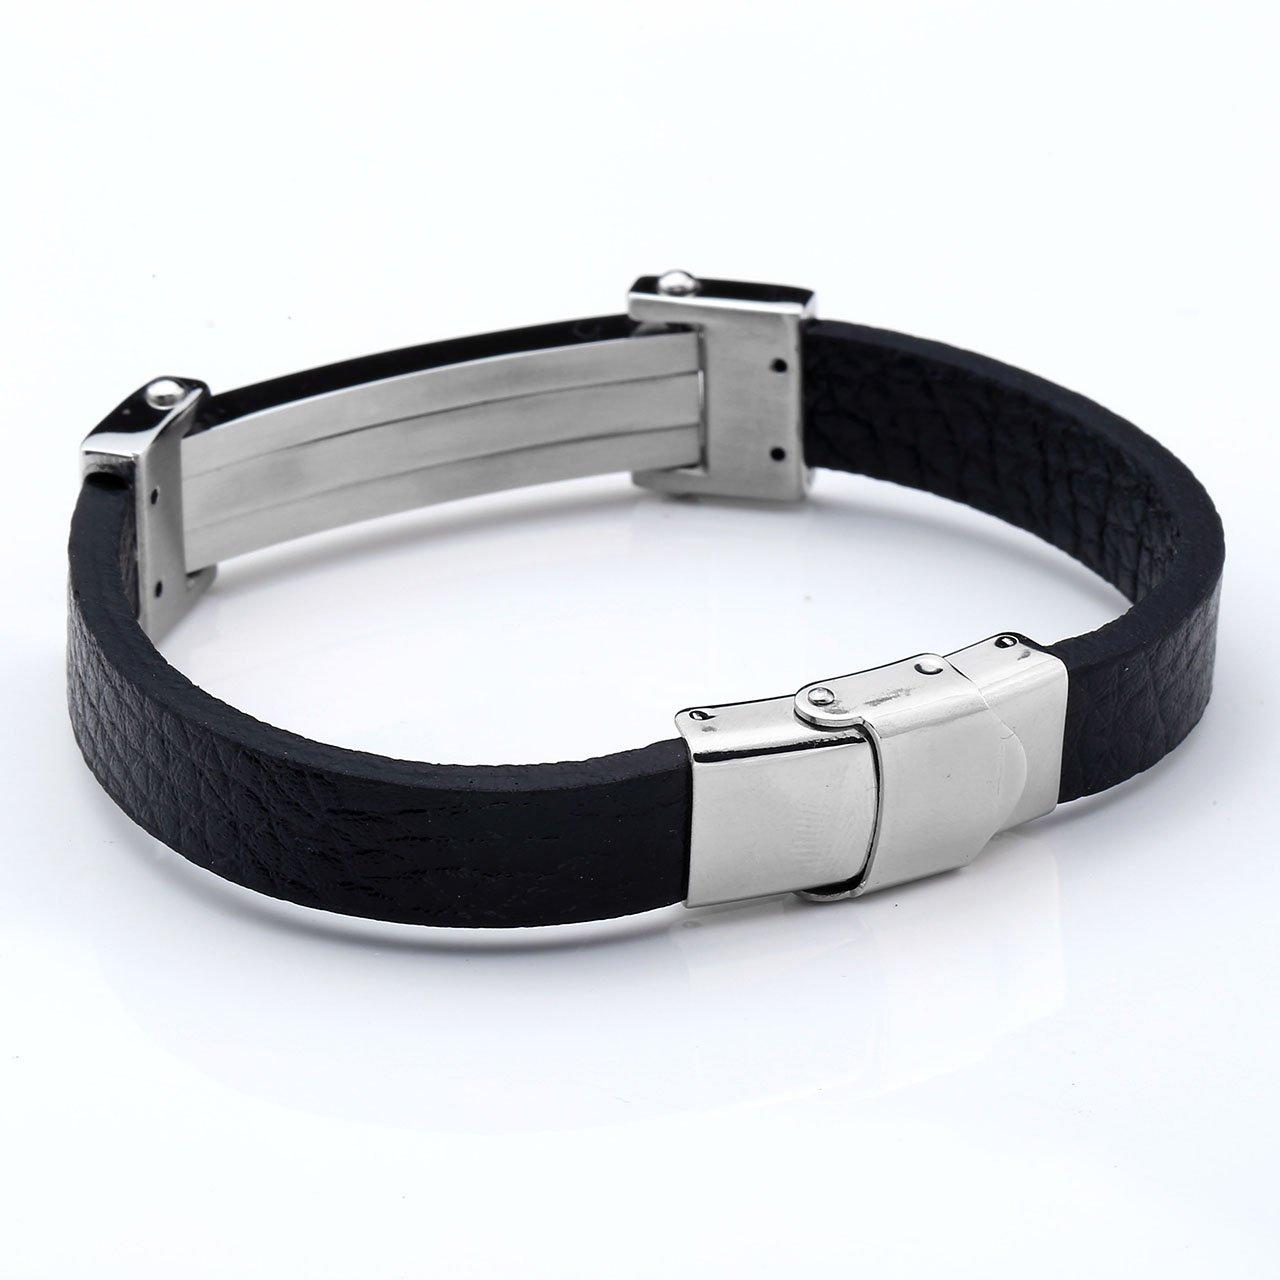 PiercingJ - Bijoux Bracelet Leather Cuir Veritable Menotte avec Fermoir Acier Inoxydable Lien Poignet Manchette Biker Motard Chaine de Main Femme